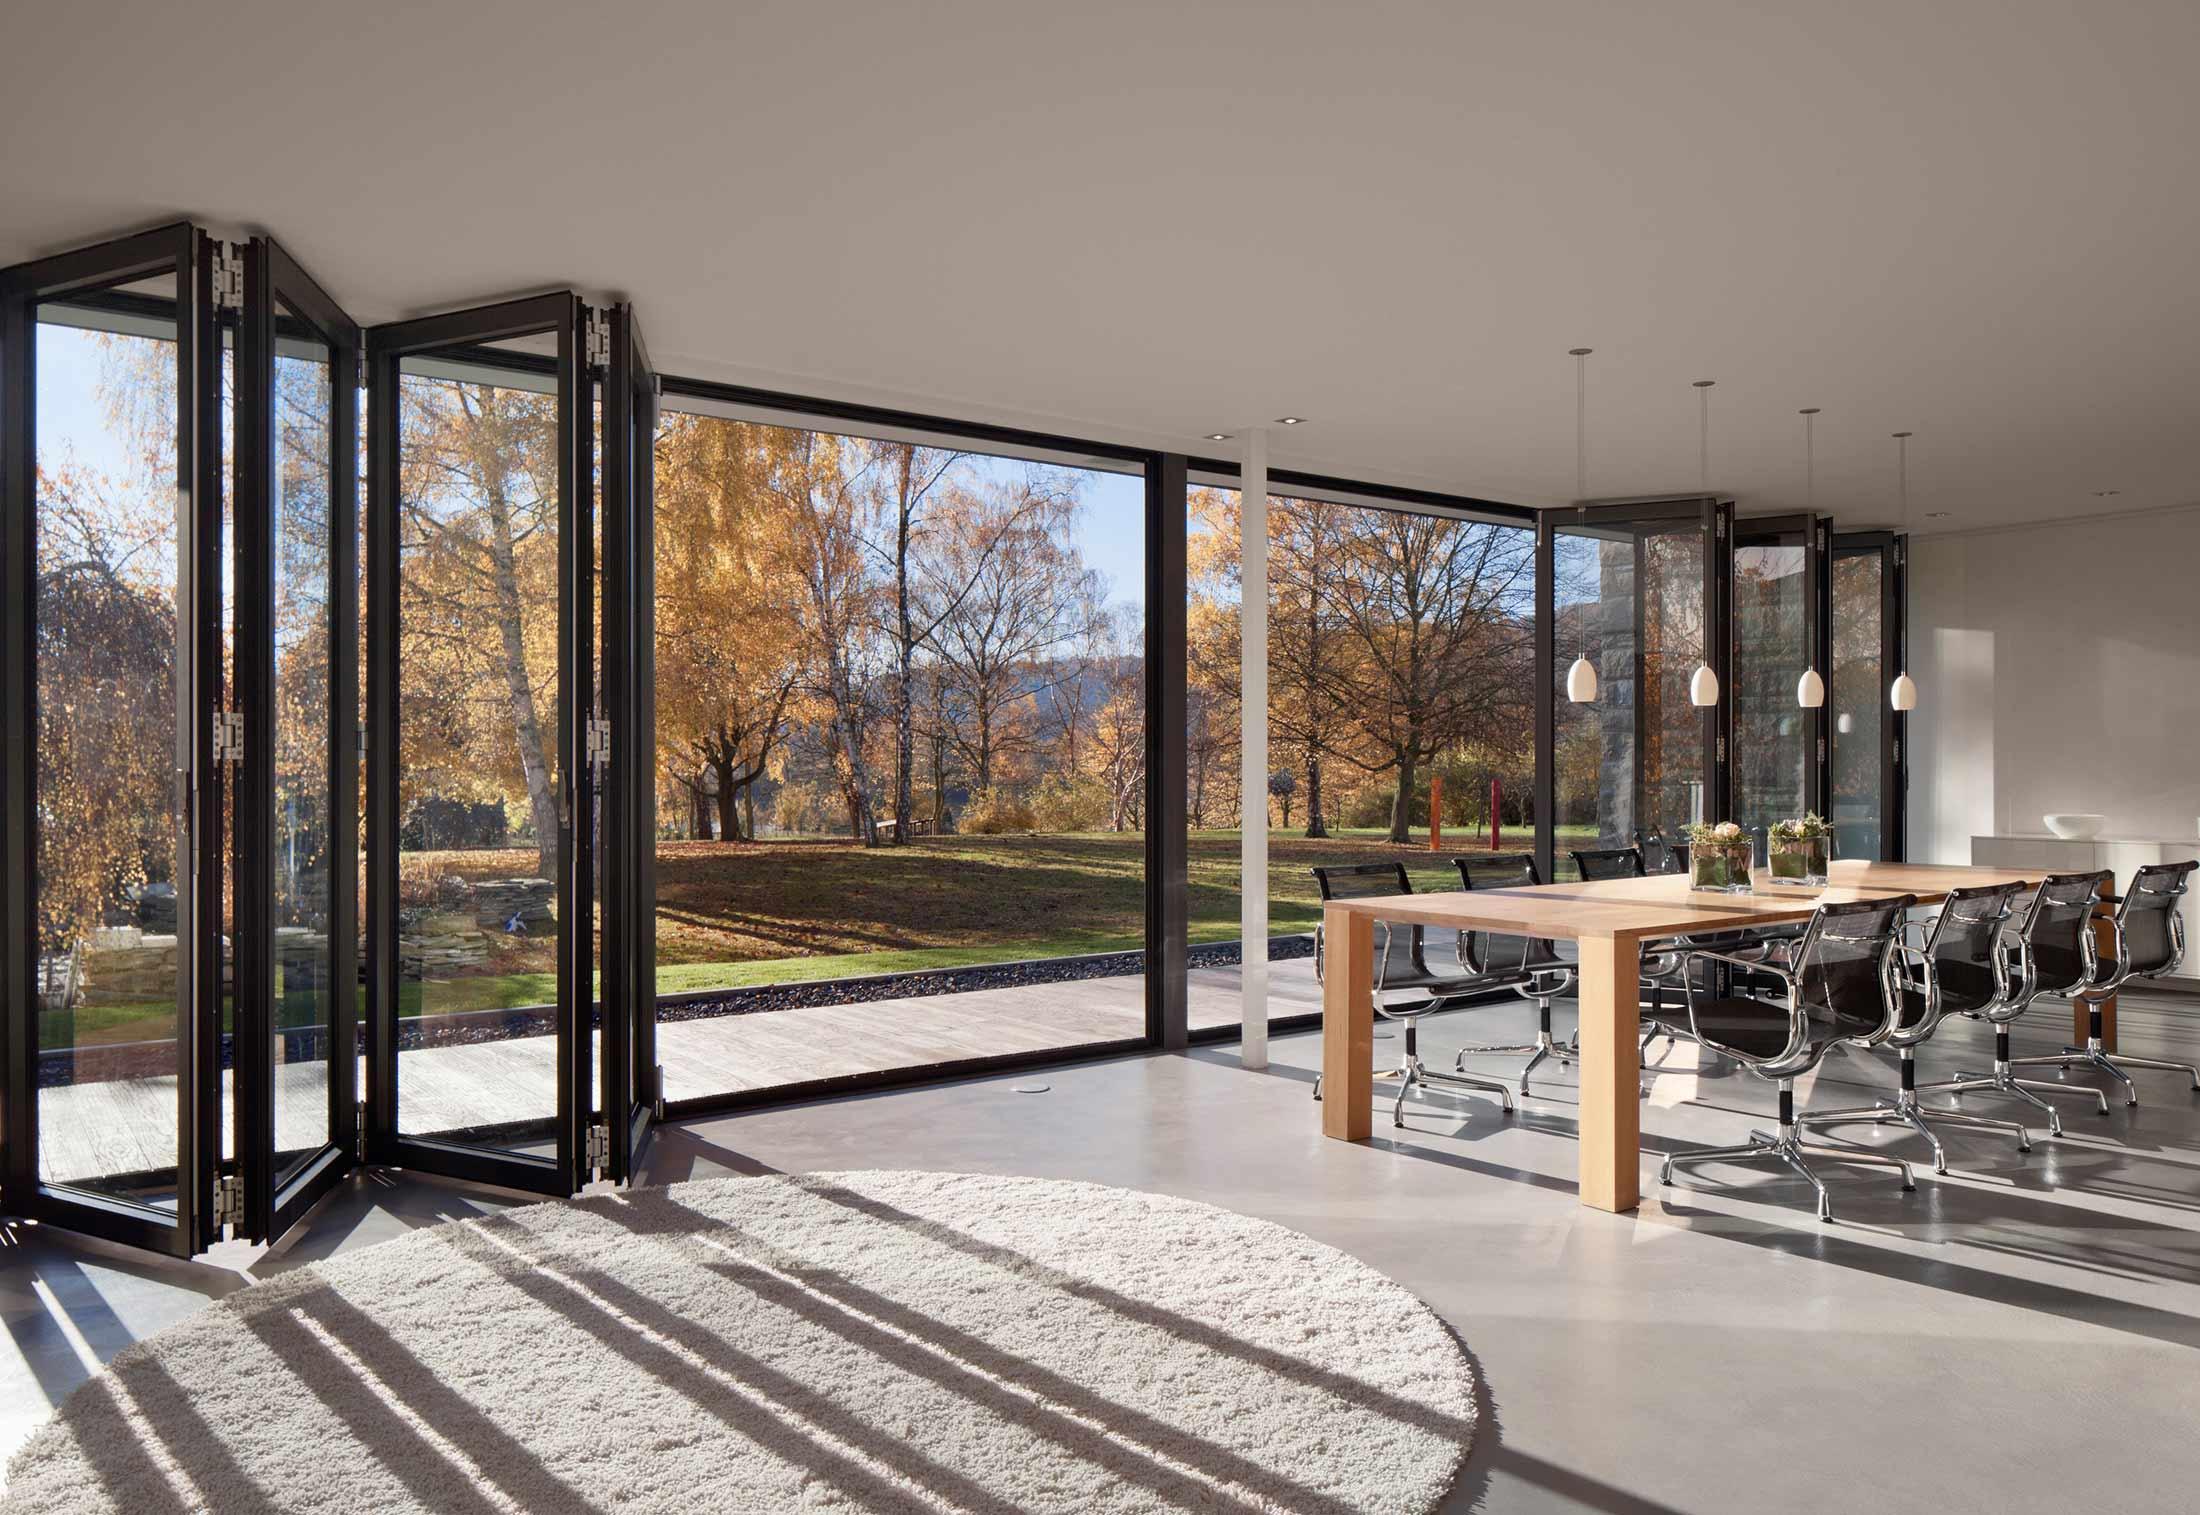 Innenarchitektur Solarlux Falttüren Preise Referenz Von Sl 82 · Sl 82